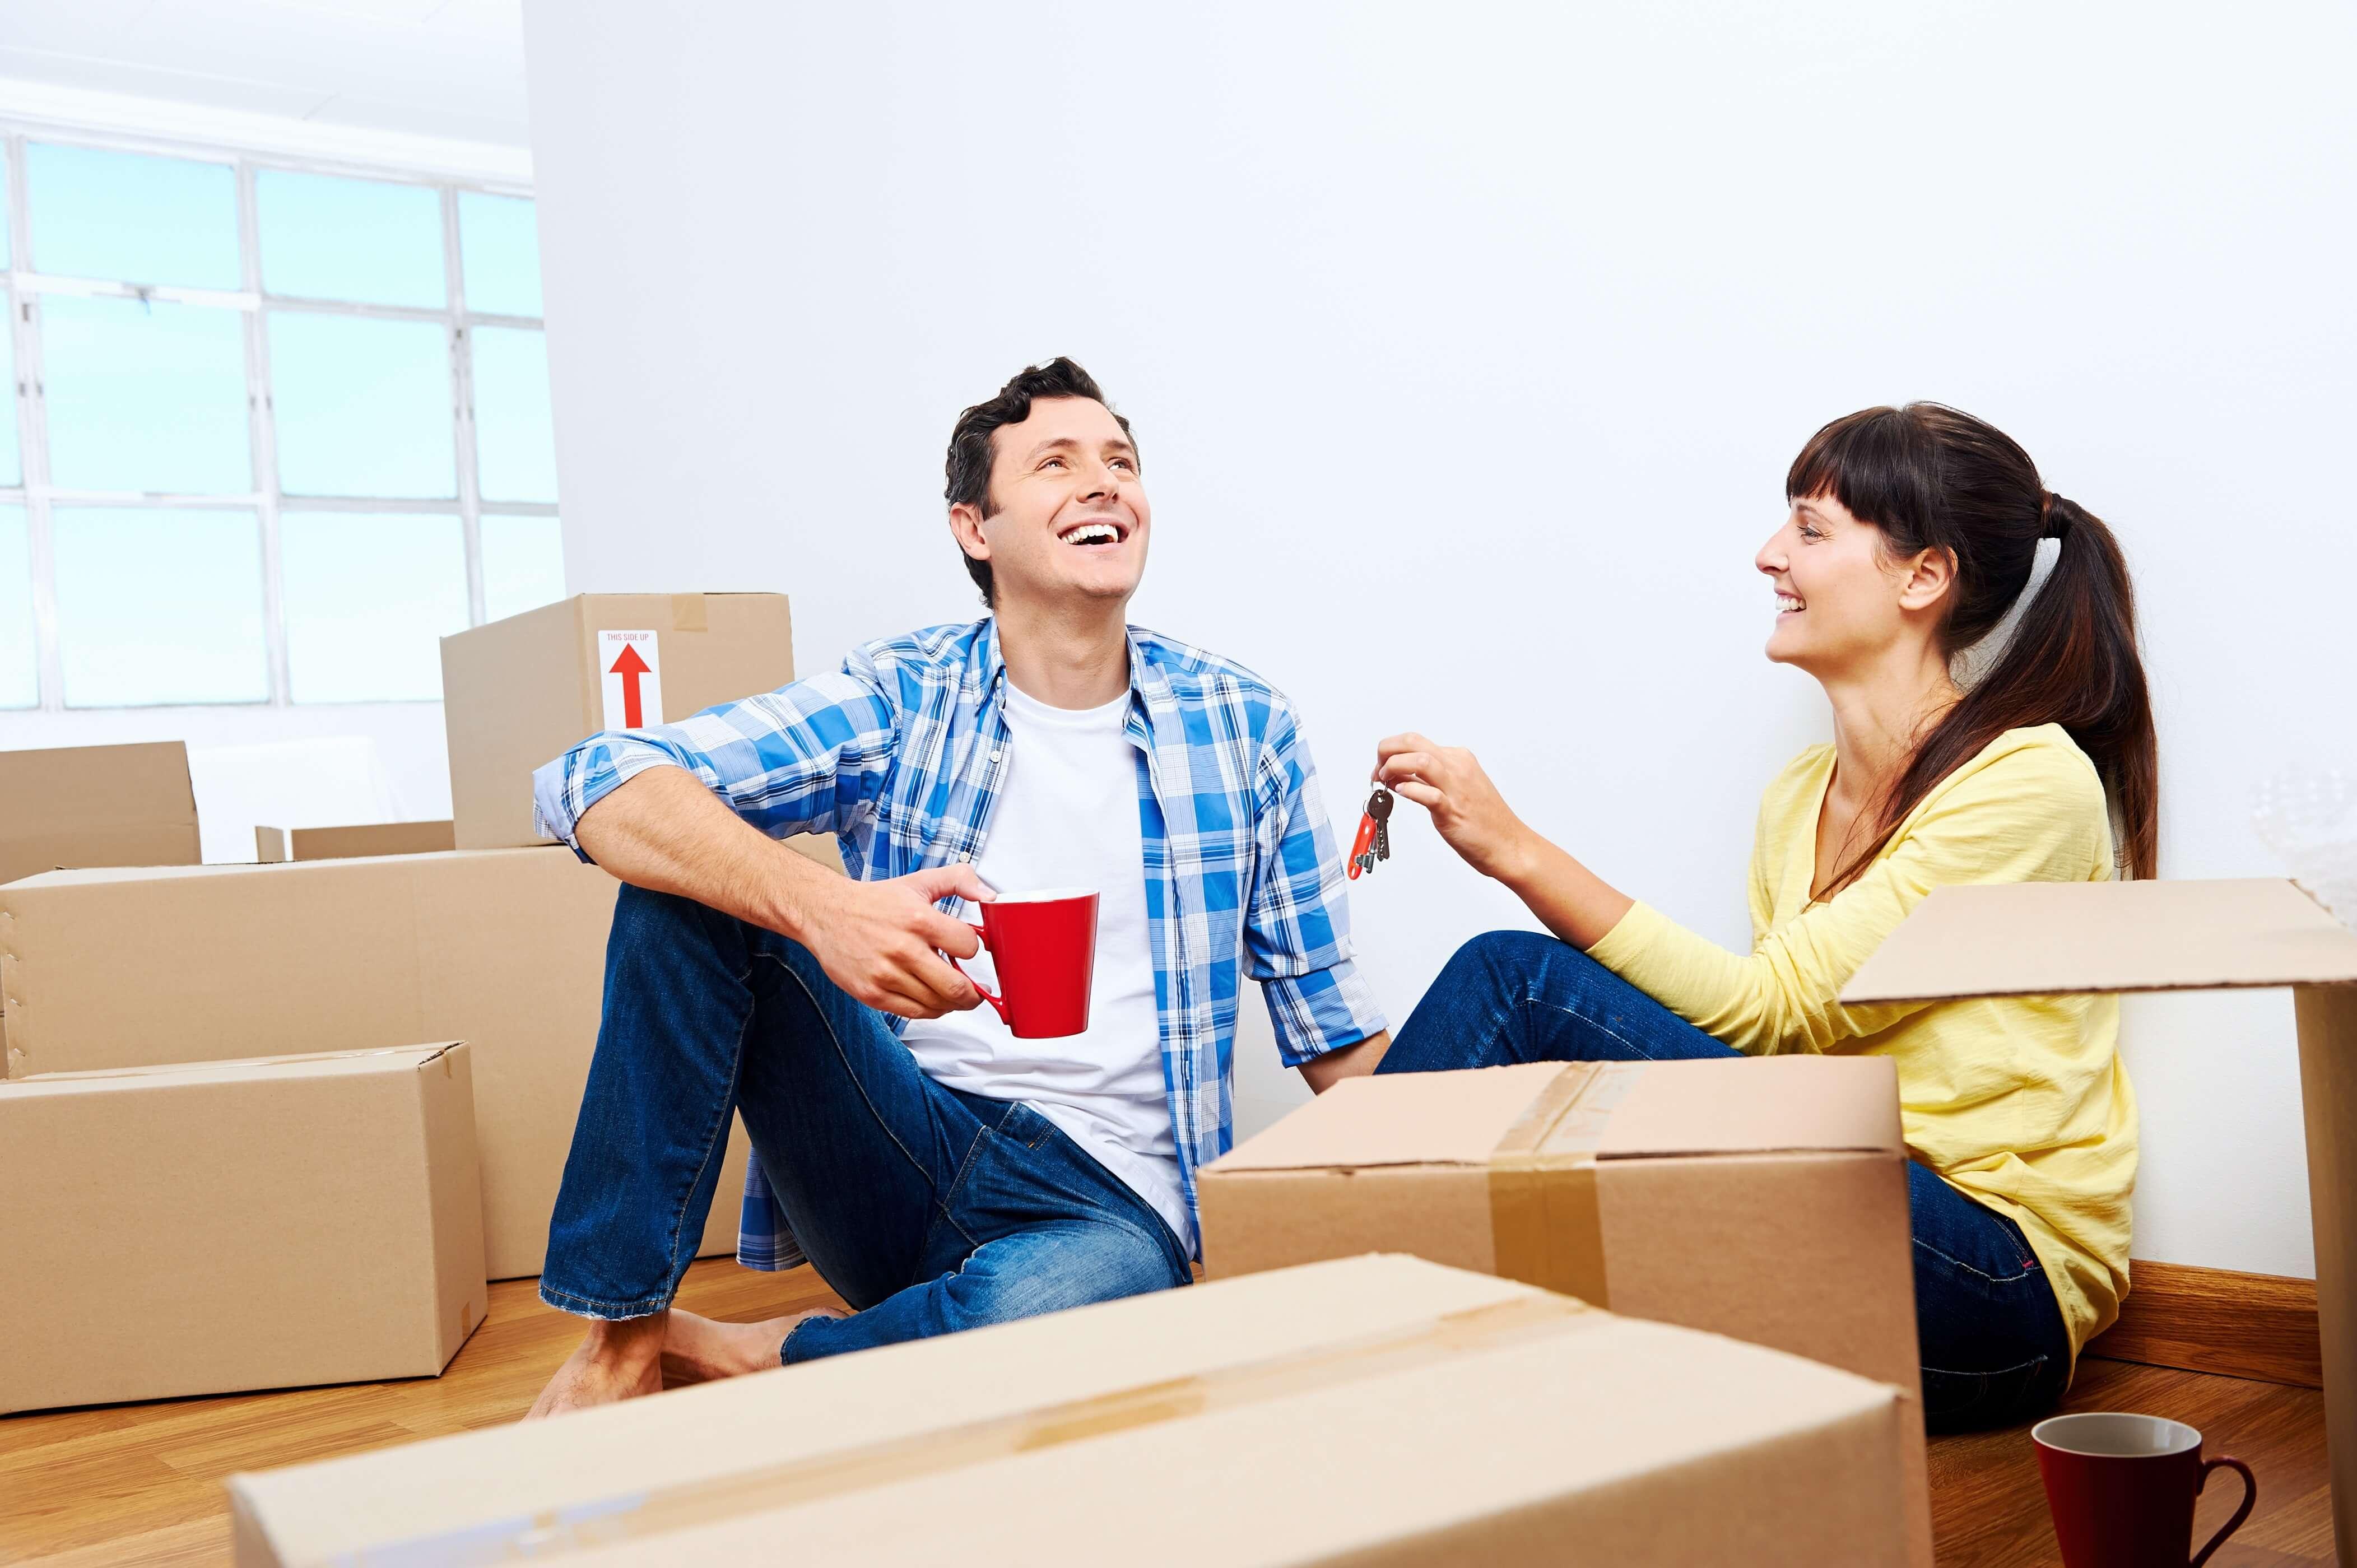 Flyttekasser i professionel kvalitet til flytning